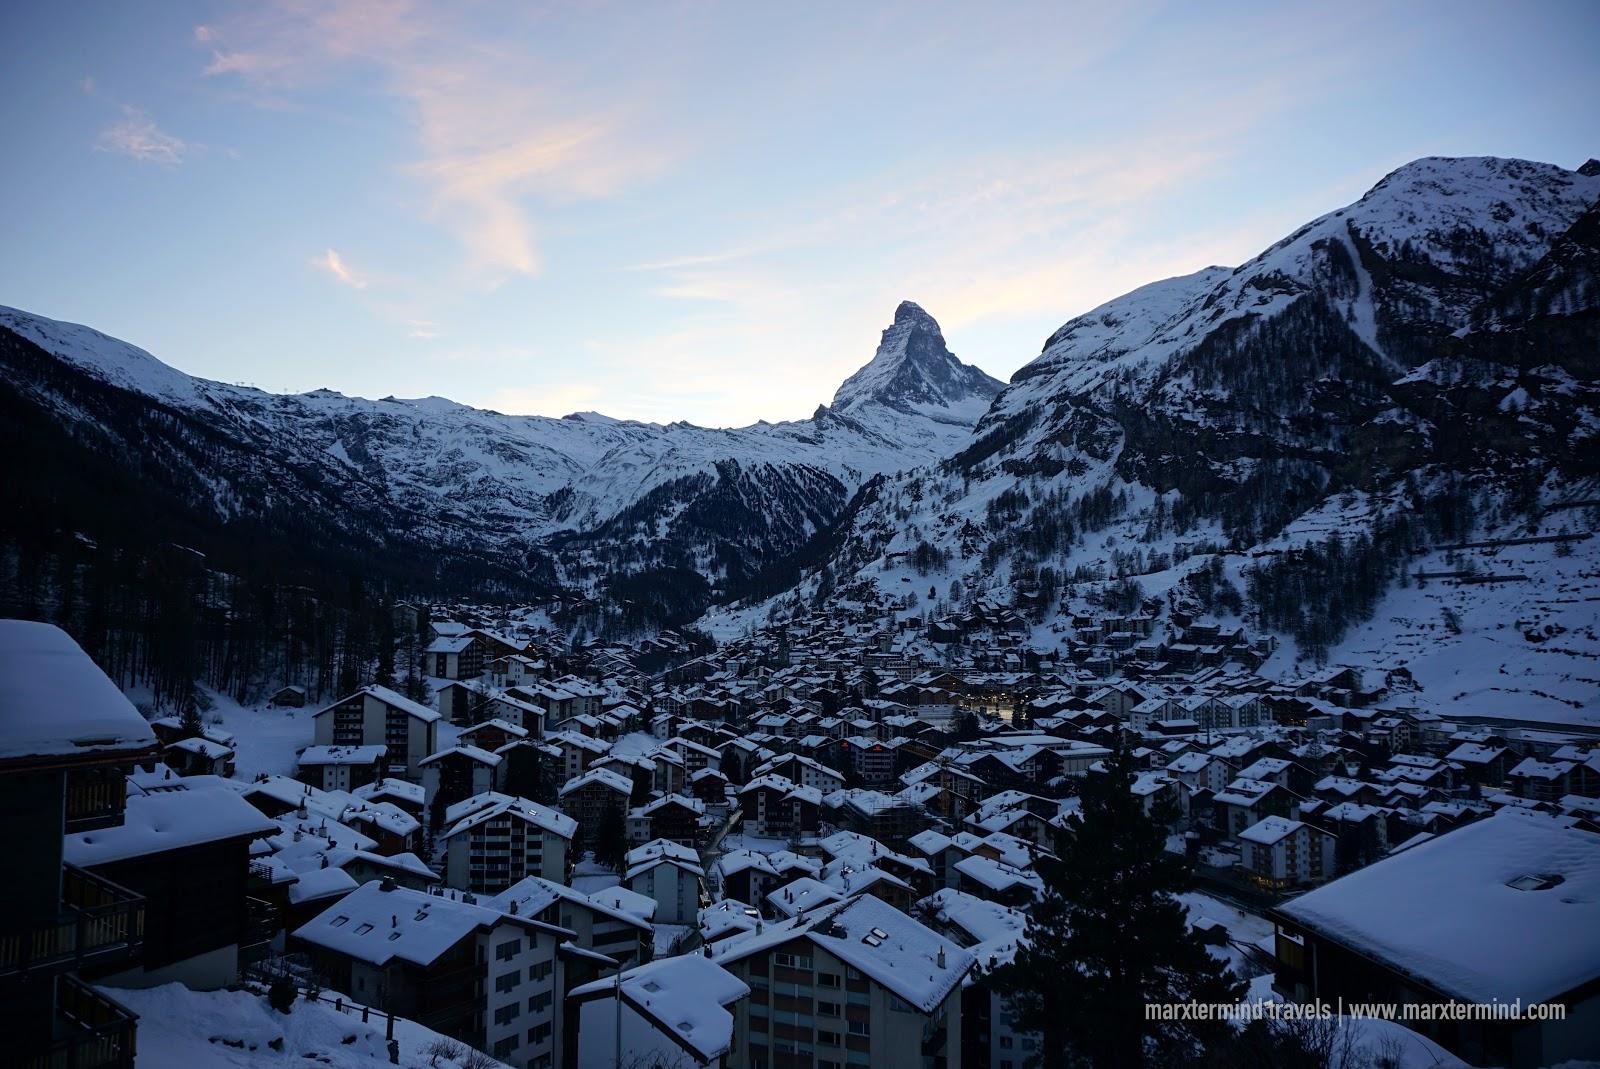 Switzerland trip - Zermatt